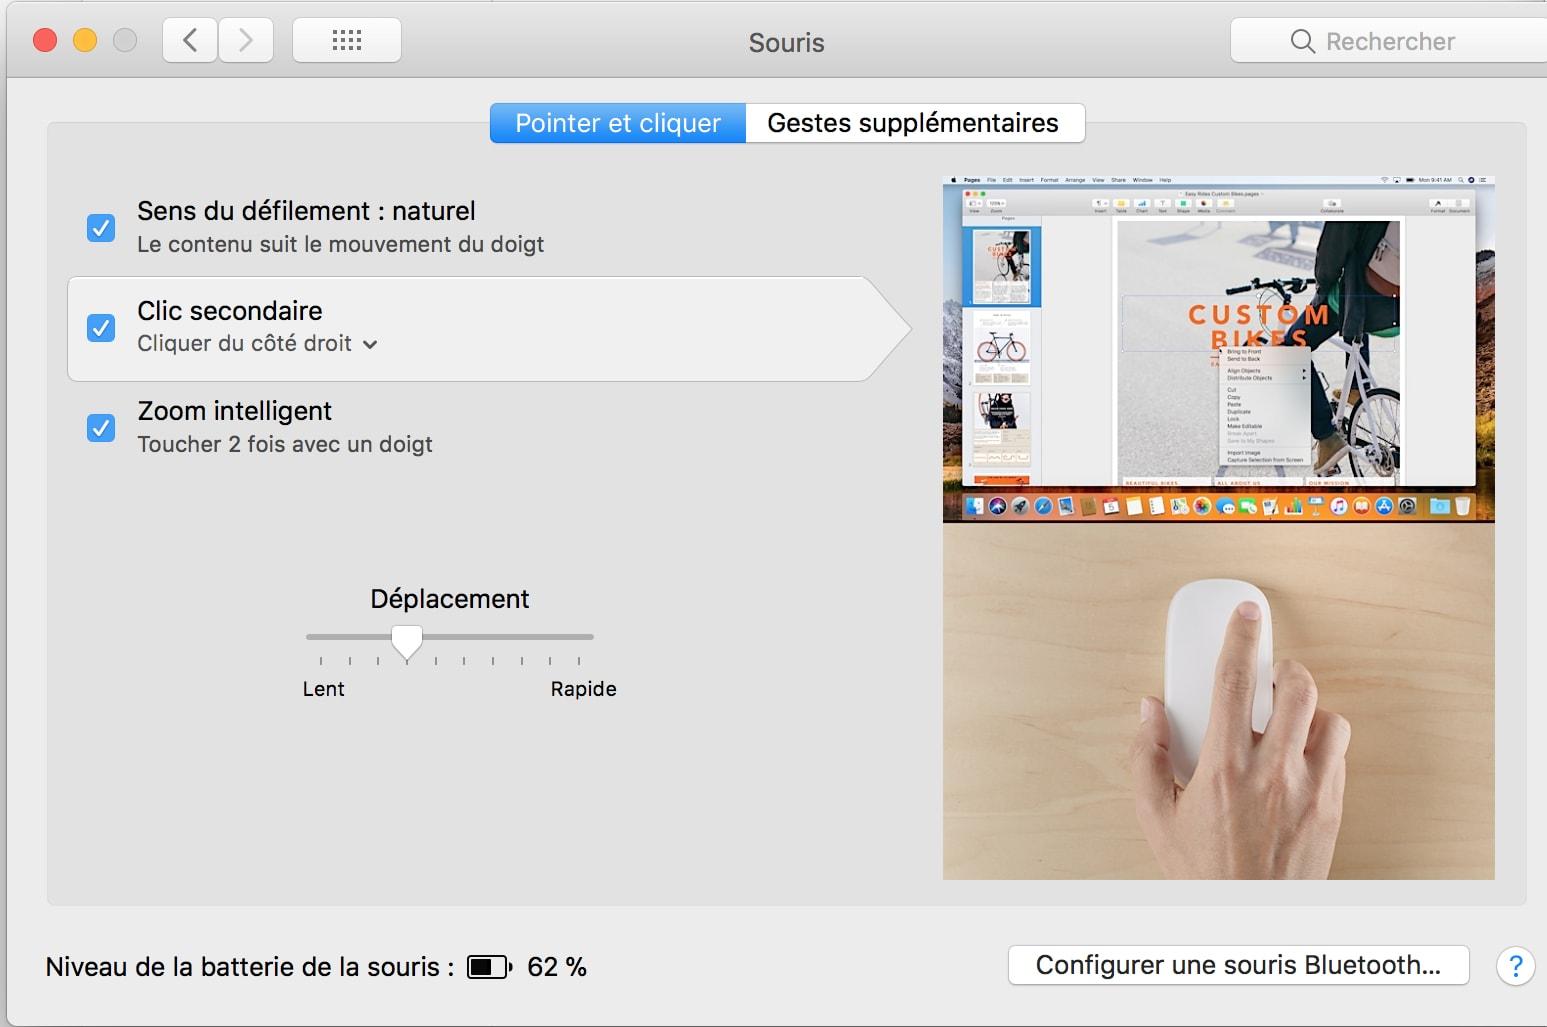 paramètres souris Apple pour MetaTrader 4 et 5